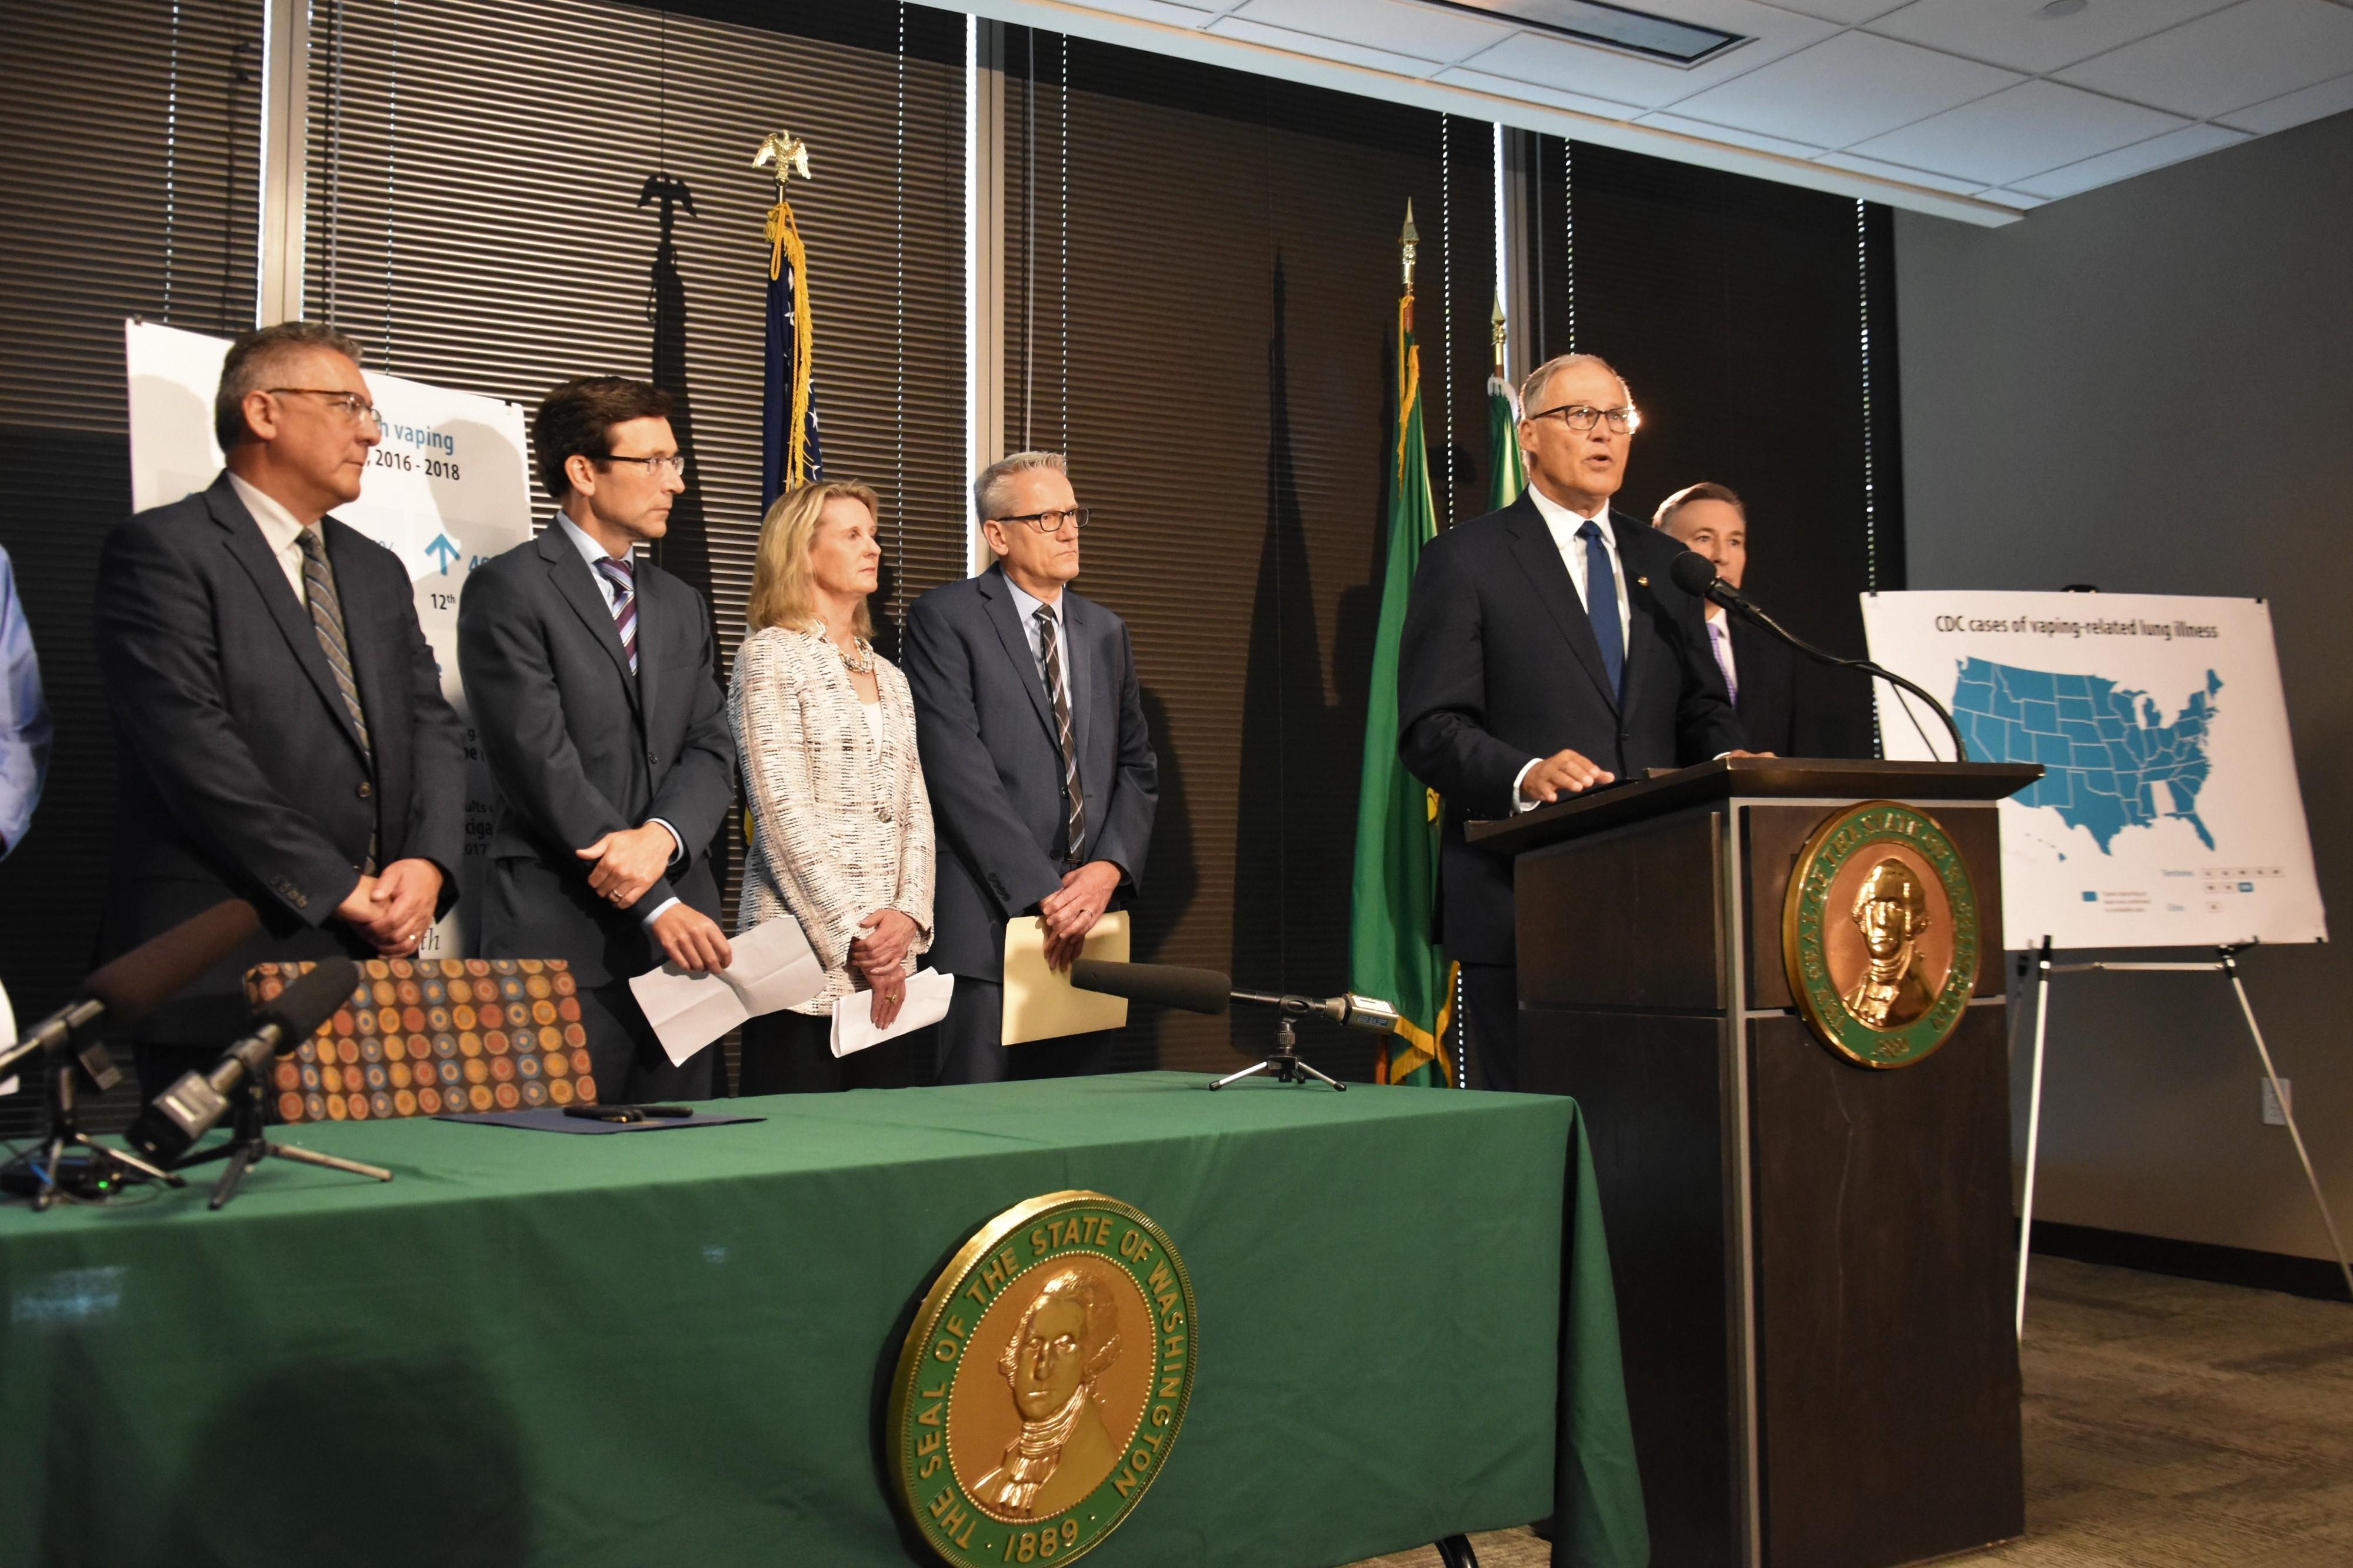 seattle press conference gov inslee 2019-09-27 exec order ban vape flavors photo offc of gov